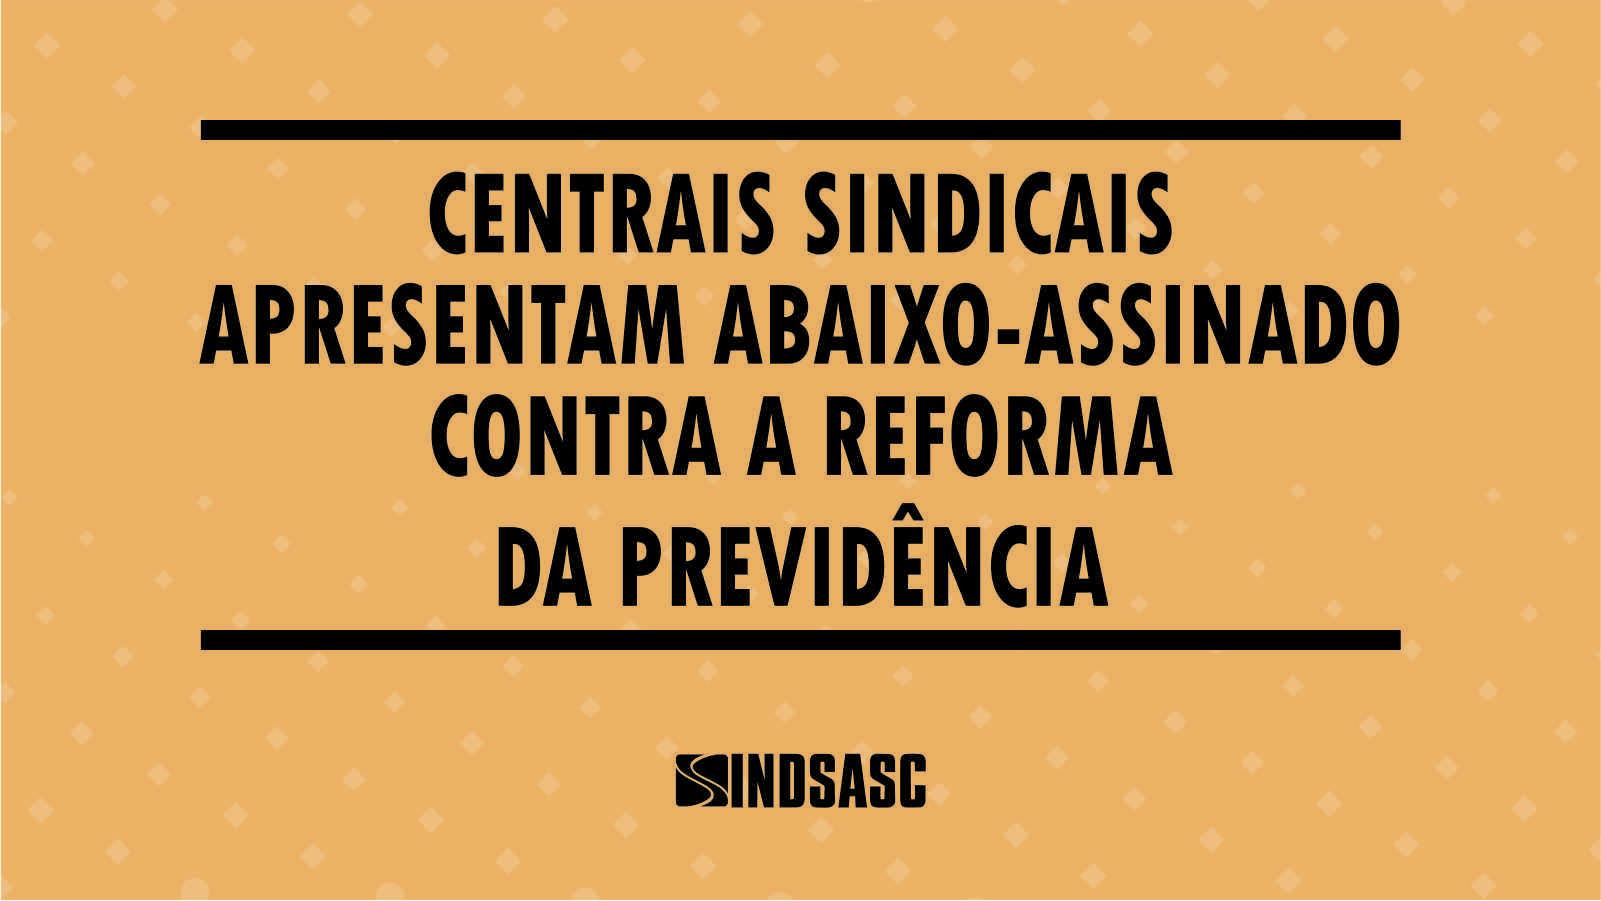 Centrais sindicais apresentam abaixo-assinado contra a reforma da previdência